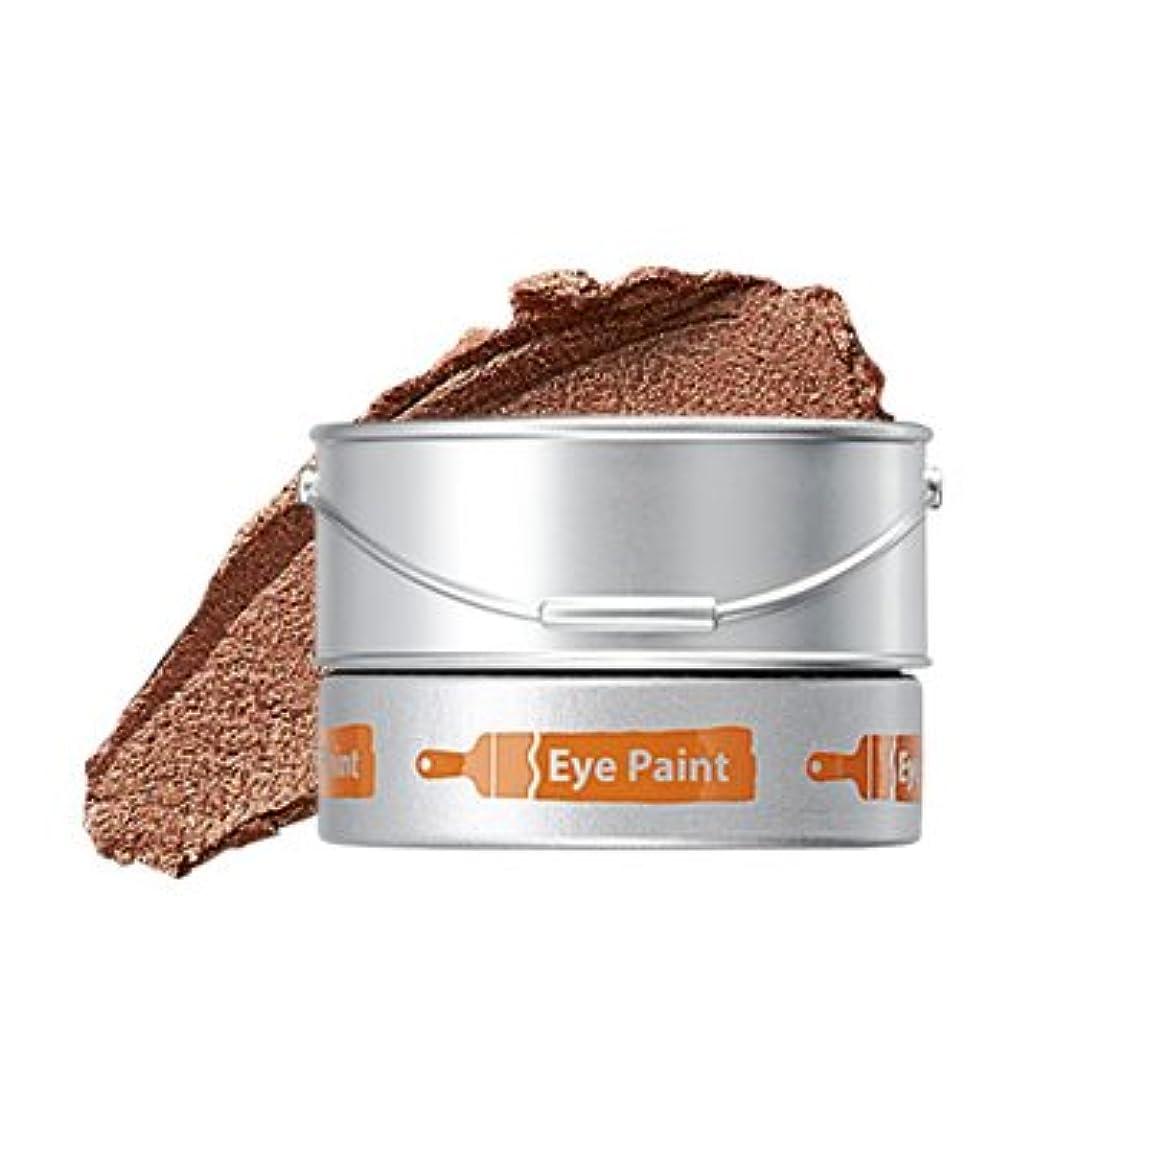 怖い定義するほとんどない【The Saem】 アイペイント/ザセム eye paint クリームシャドウ (04コパーテン)